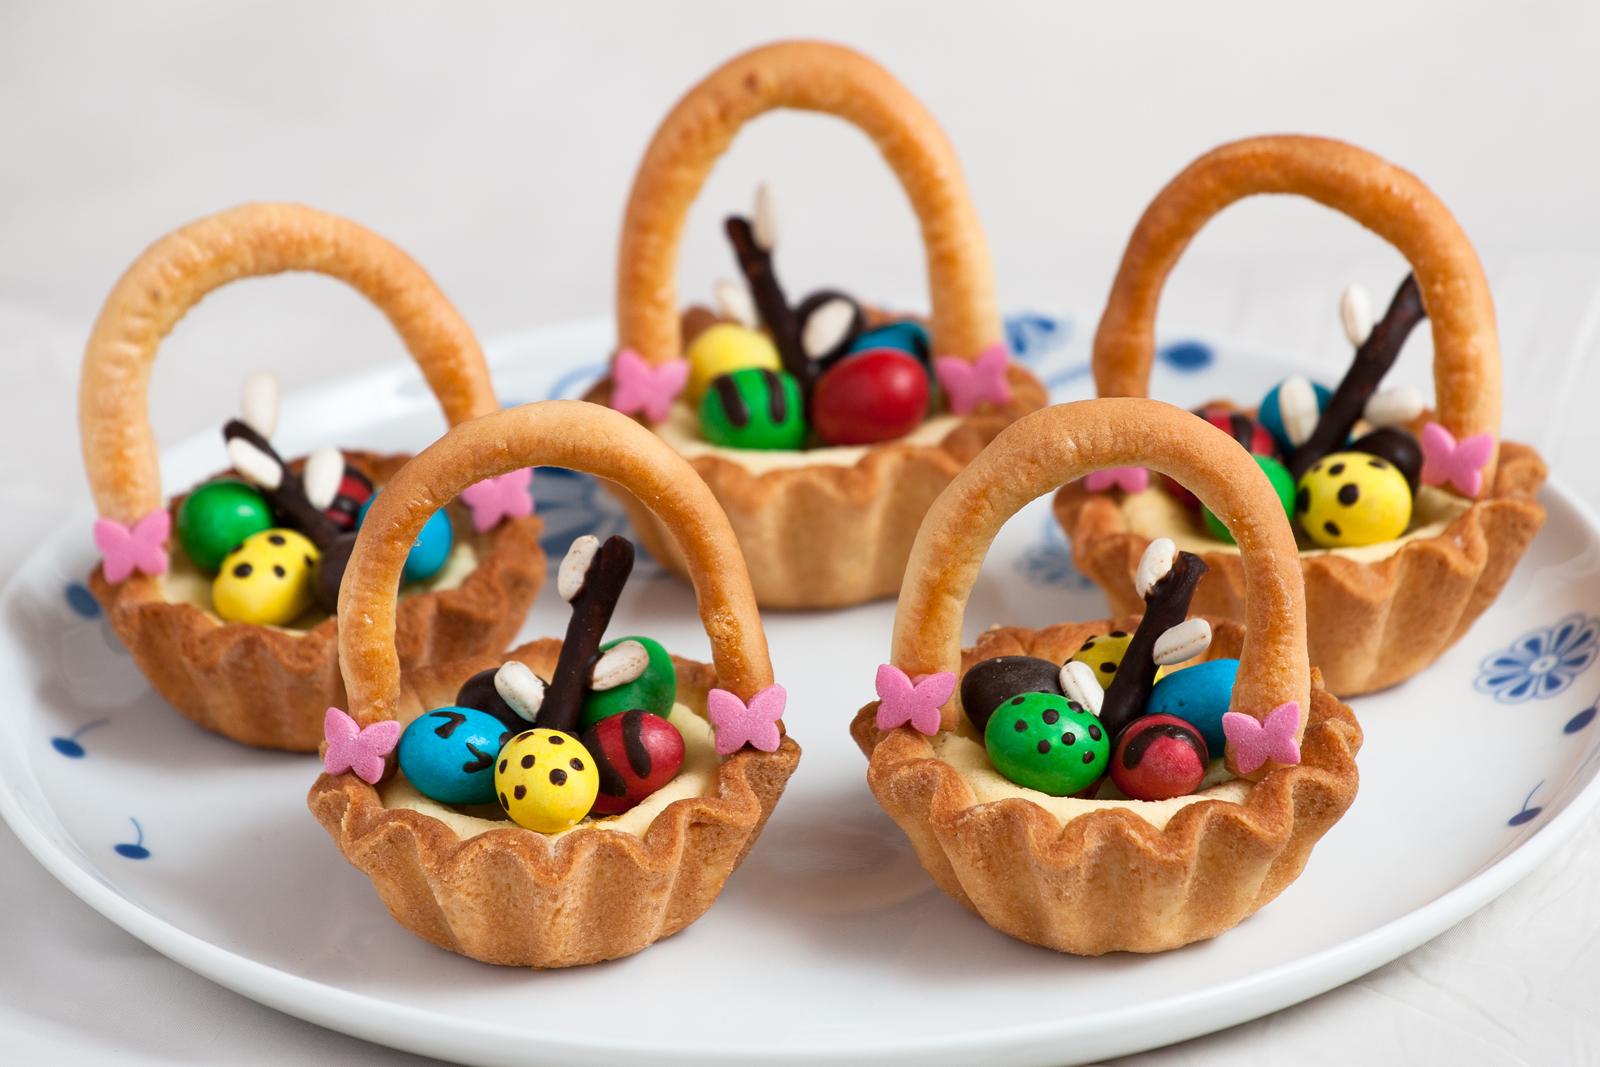 Wielkanocne Koszyczki Piekny Wielkanocny Przepis